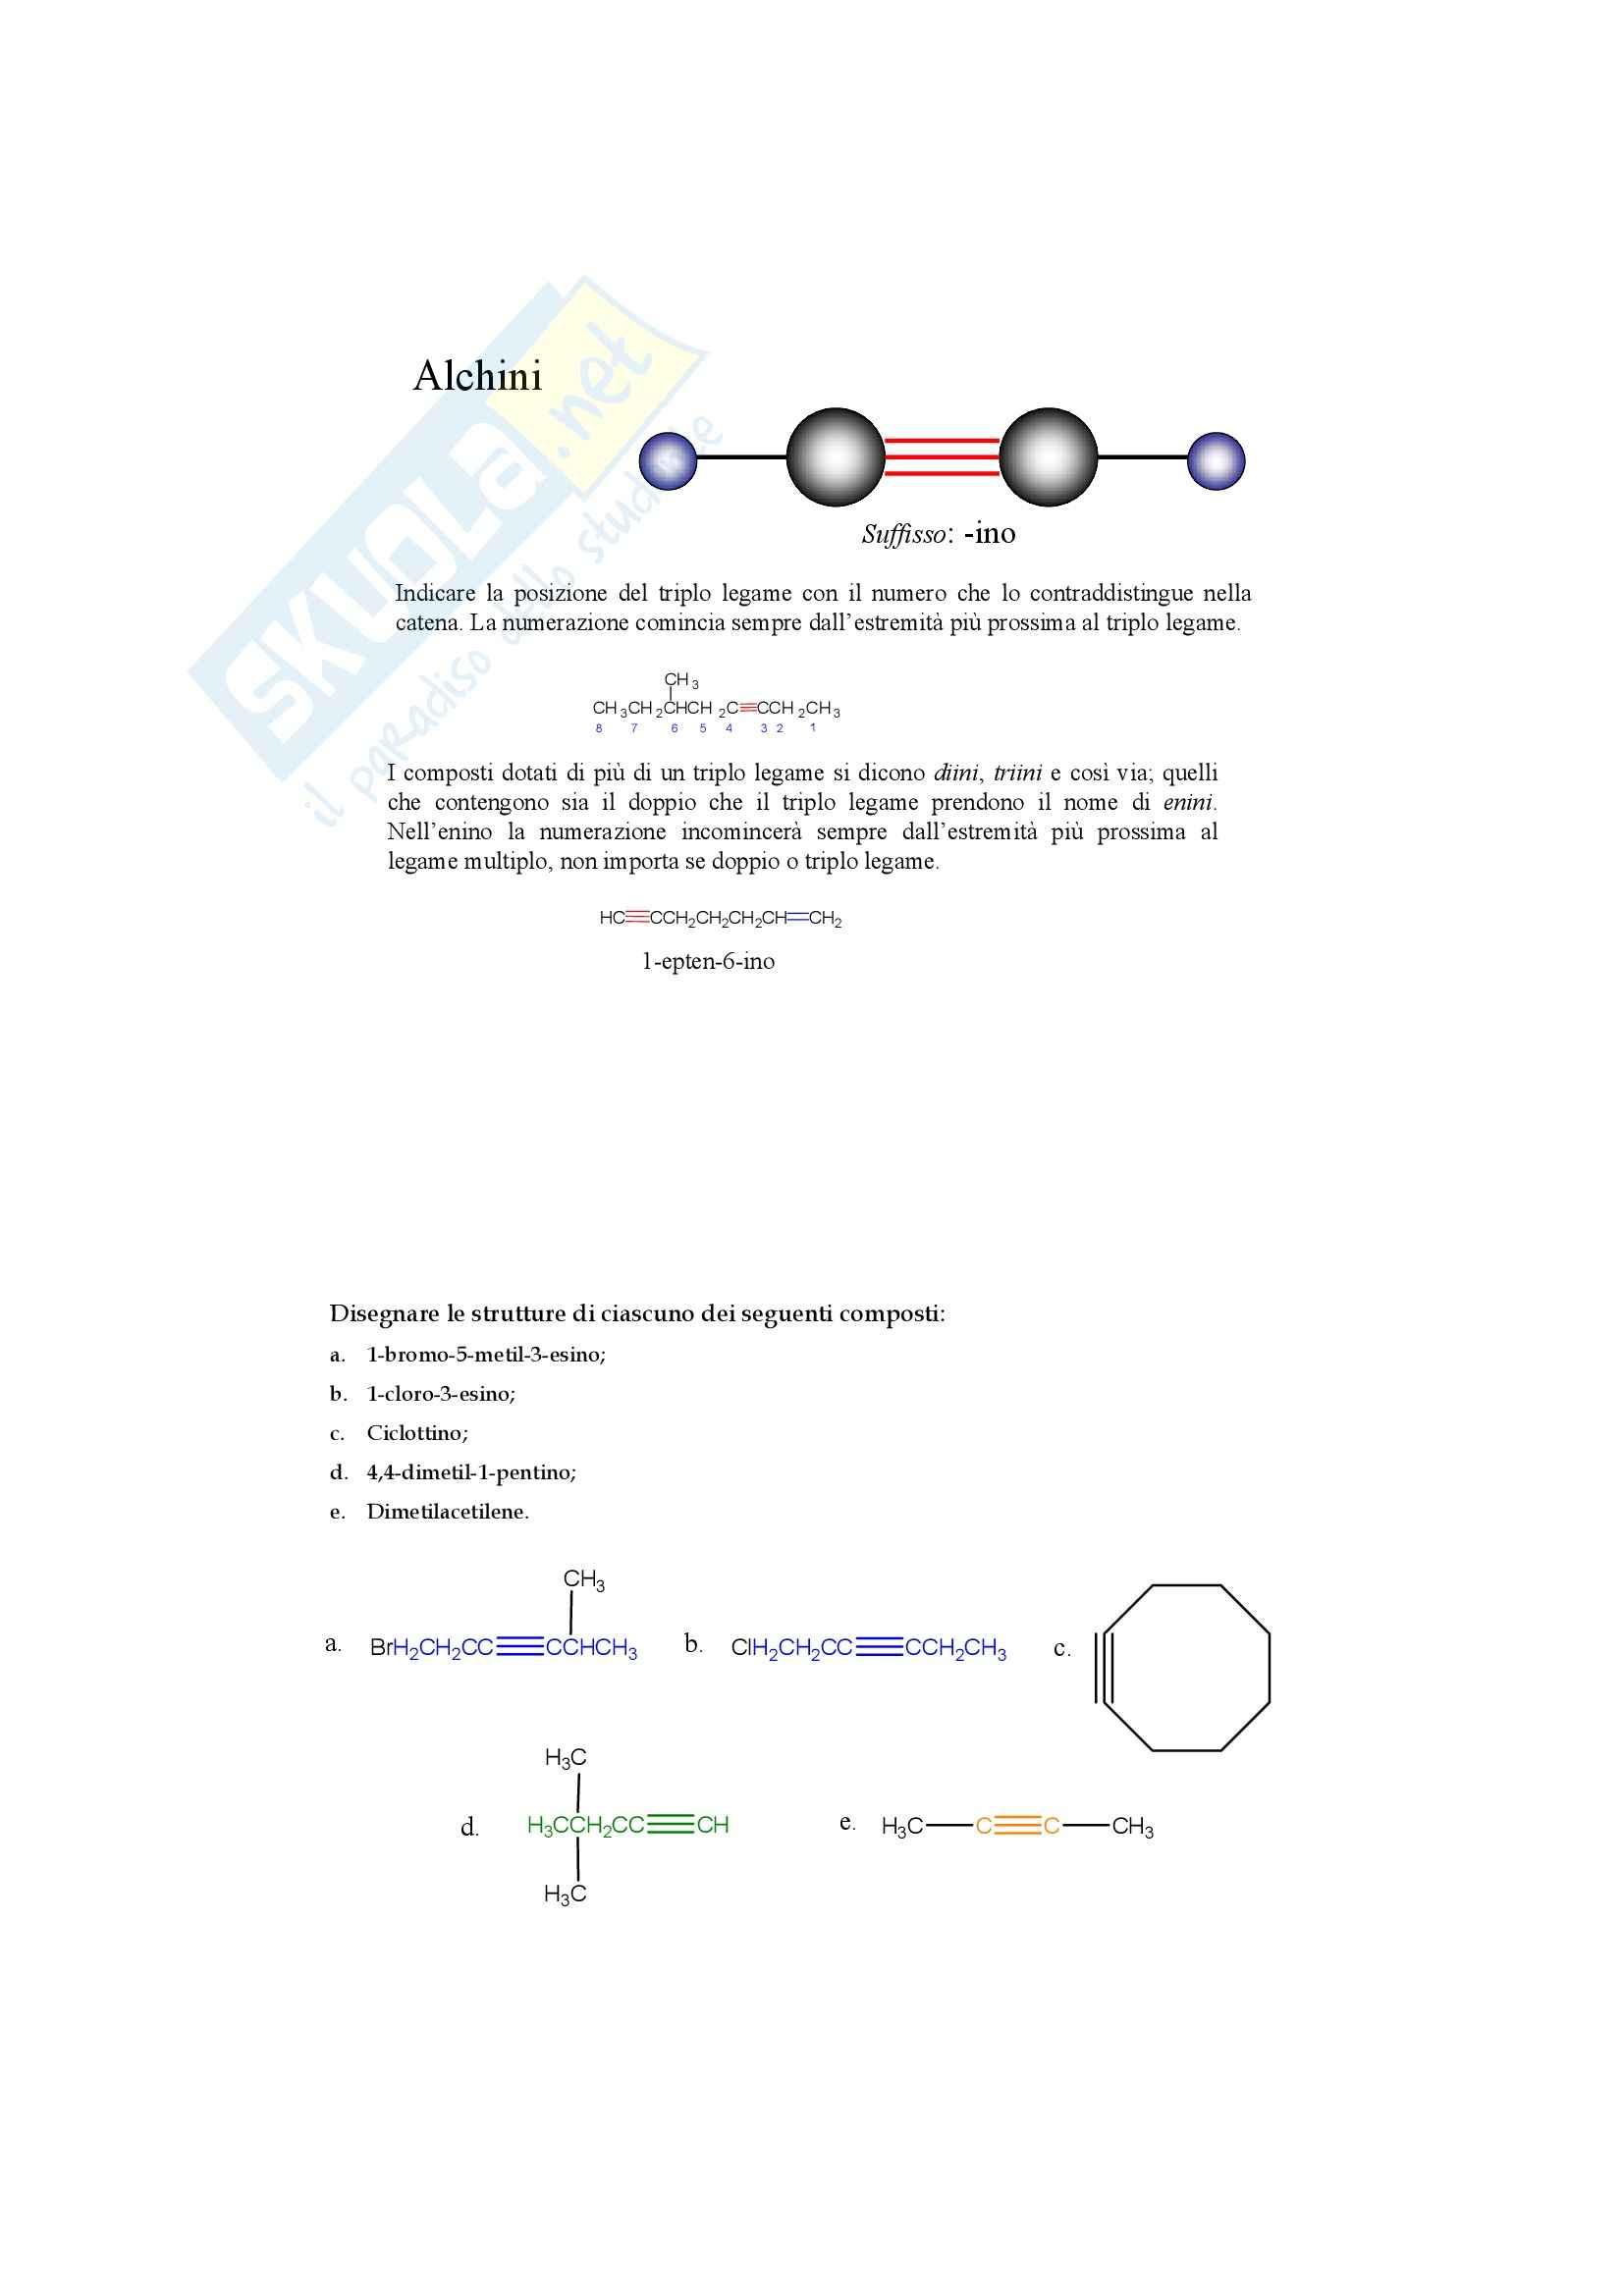 Chimica organica - gli alchini